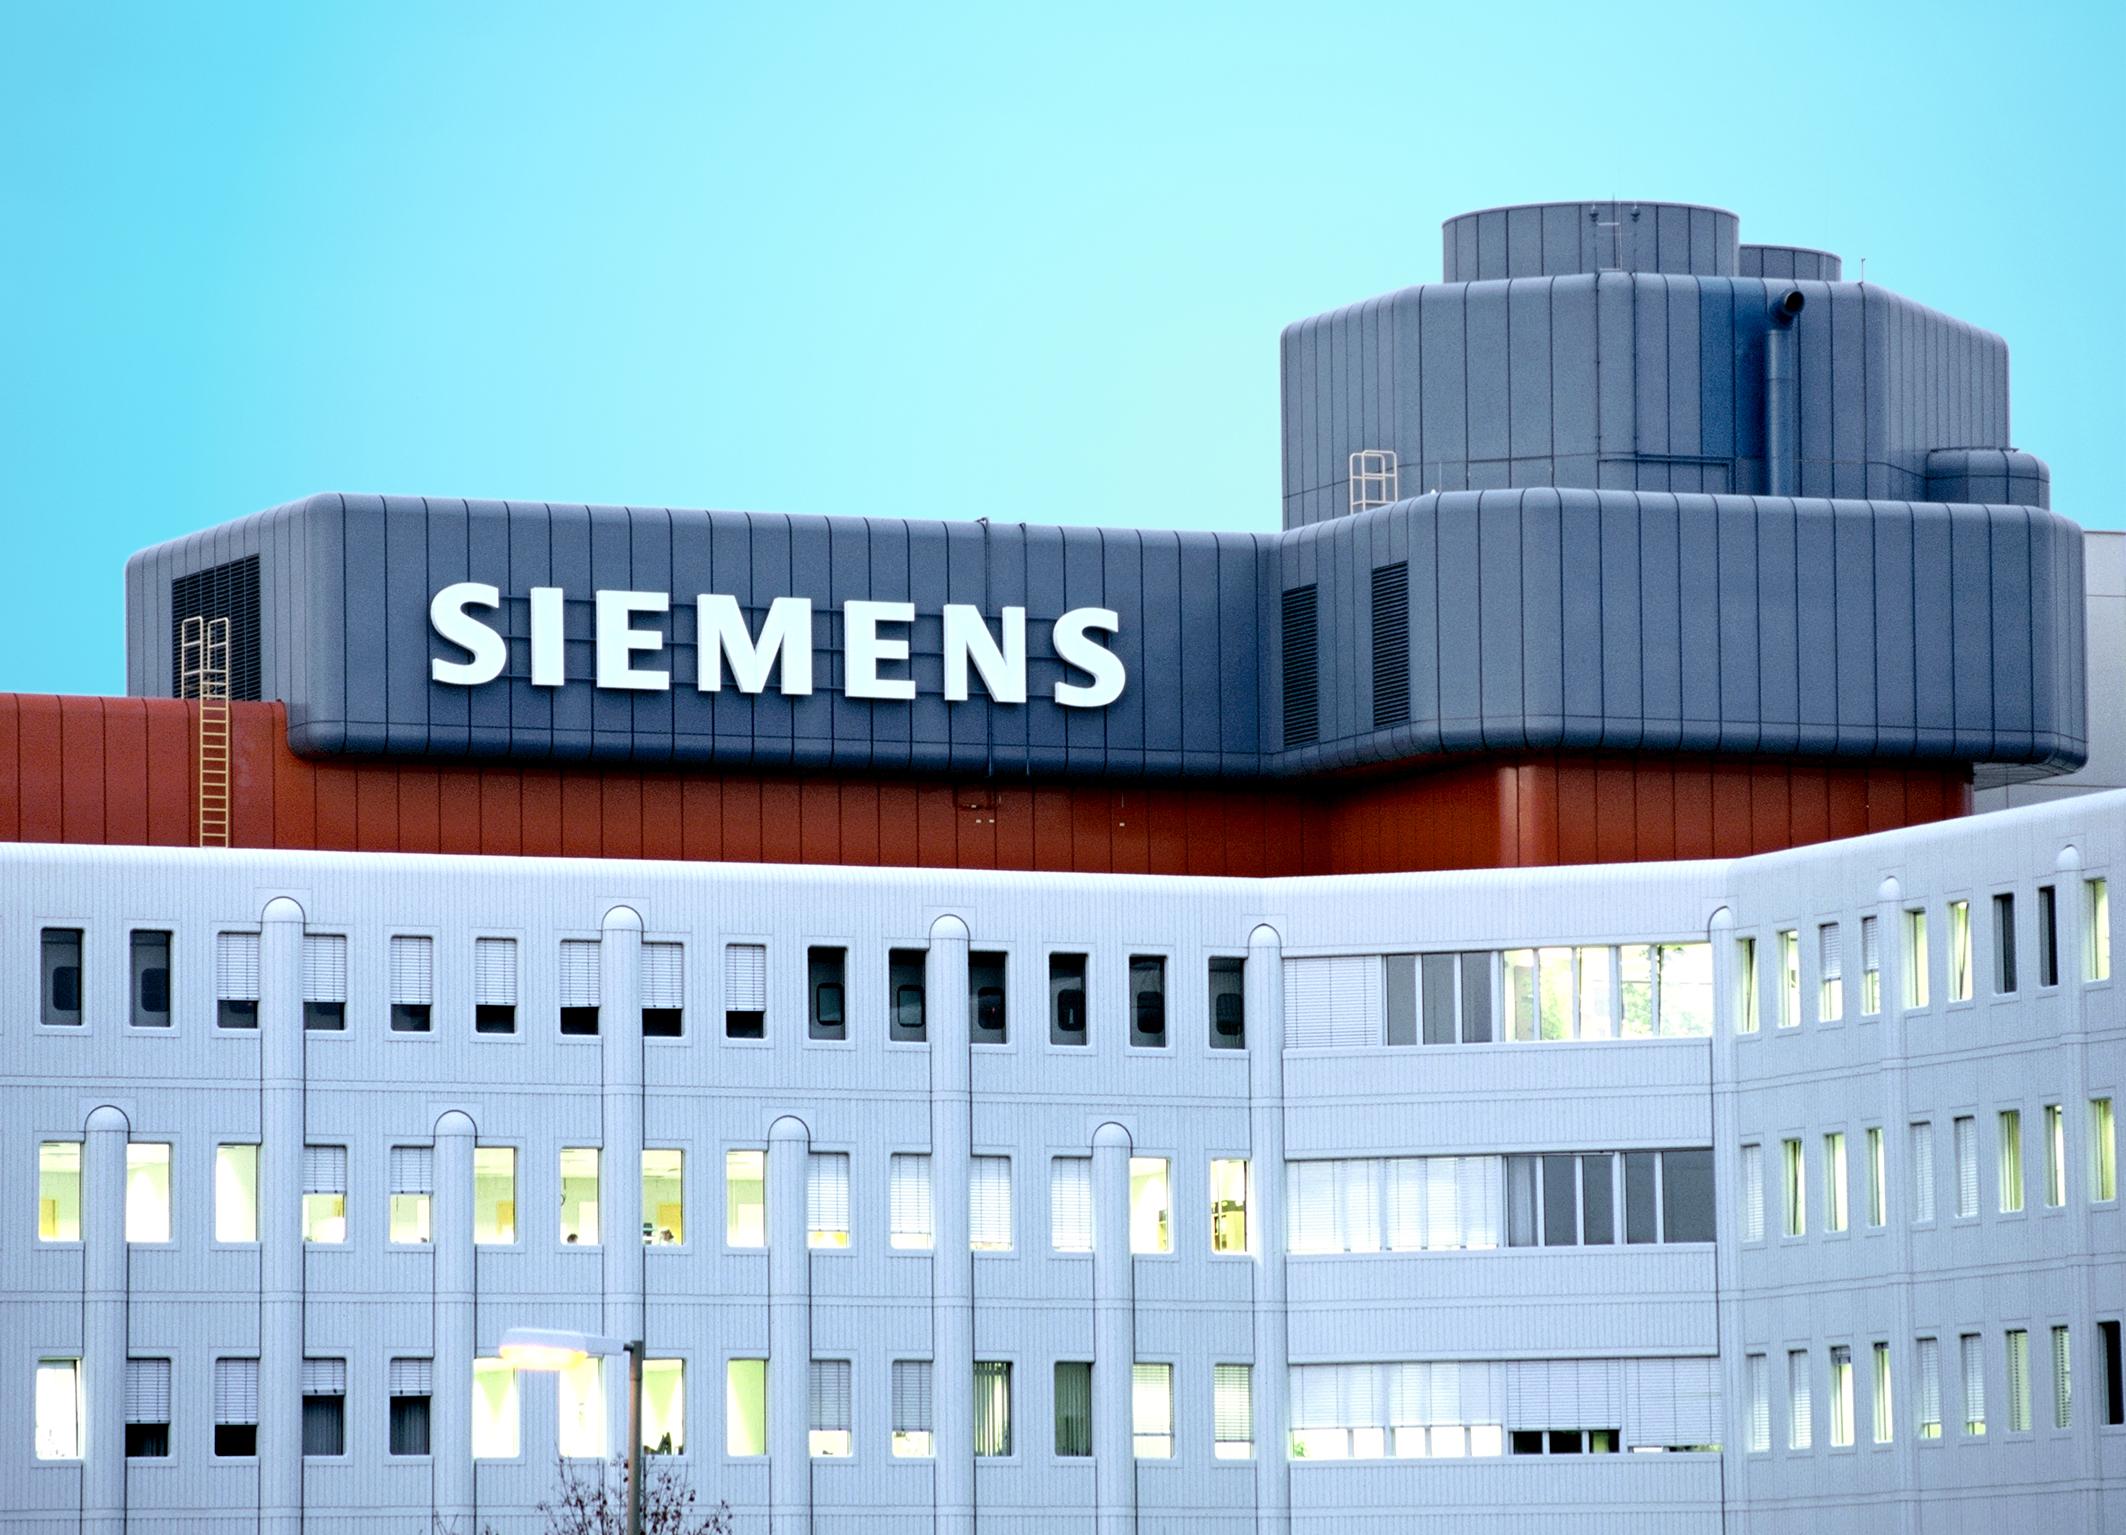 """""""Вы посылаете негативный сигнал иностранным инвесторам!"""" – Siemens пристыдила Россию за нарушение санкционного режима и отправку газовых турбин в аннексированный Крым"""